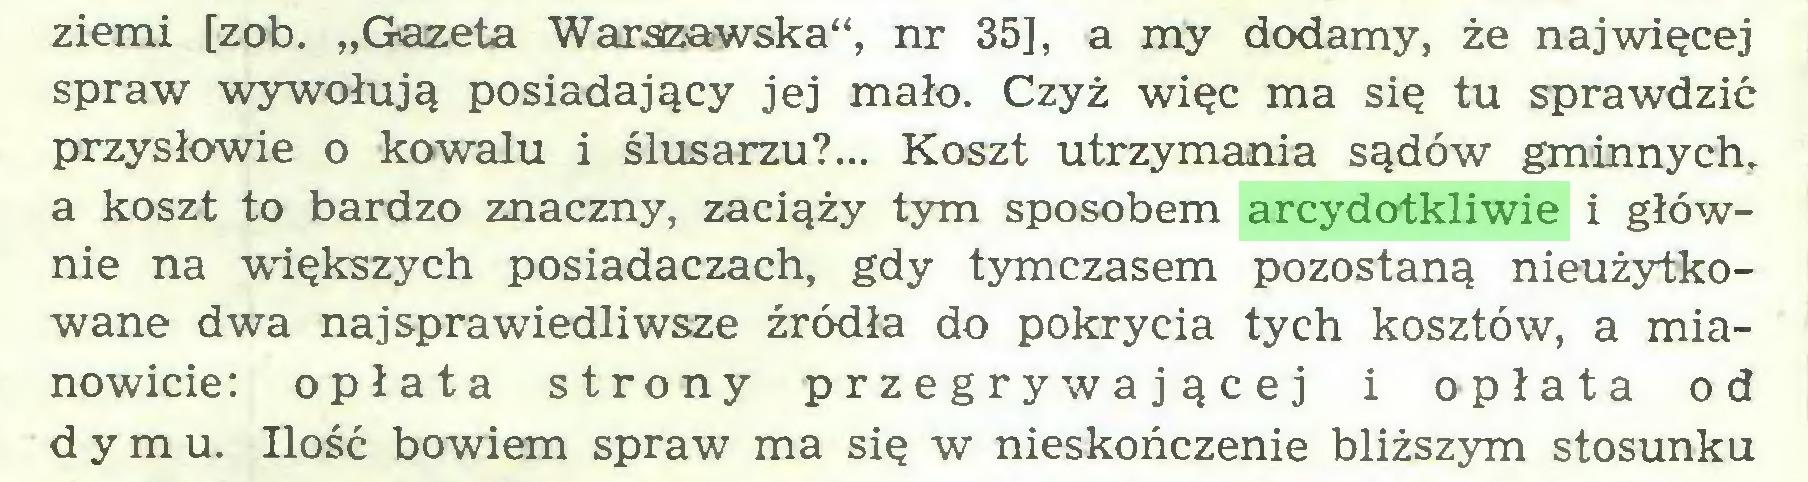 """(...) ziemi [zob. """"Gazeta Warszawska"""", nr 35], a my dodamy, że najwięcej spraw wywołują posiadający jej mało. Czyż więc ma się tu sprawdzić przysłowie o kowalu i ślusarzu?... Koszt utrzymania sądów gminnych, a koszt to bardzo znaczny, zaciąży tym sposobem arcydotkliwie i głównie na ■większych posiadaczach, gdy tymczasem pozostaną nieużytkowane dwa najsprawiedliwsze źródła do pokrycia tych kosztów, a mianowicie: opłata strony przegrywającej i opłata od dymu. Ilość bowiem spraw ma się w nieskończenie bliższym stosunku..."""